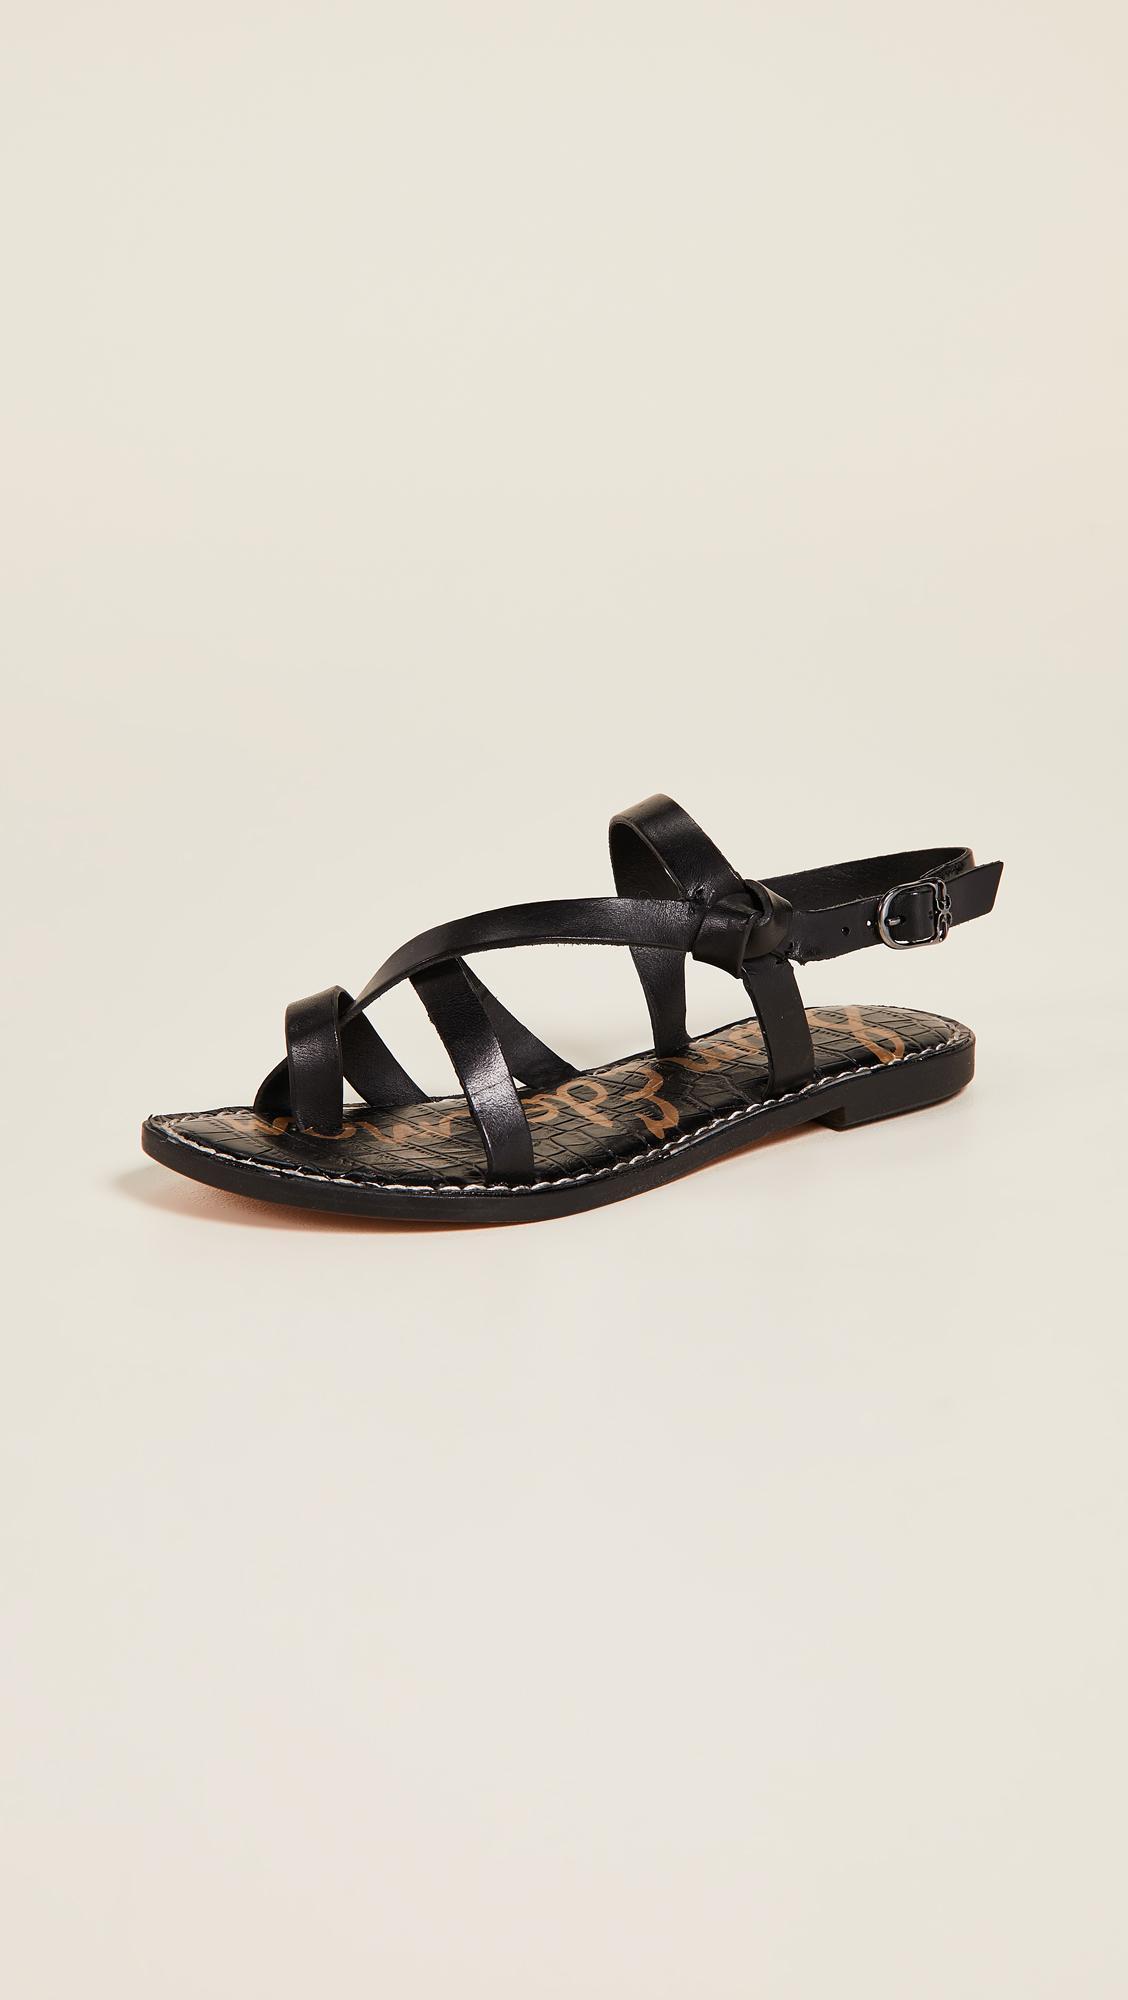 9717903676ec Lyst - Sam Edelman Gladis Sandals in Black